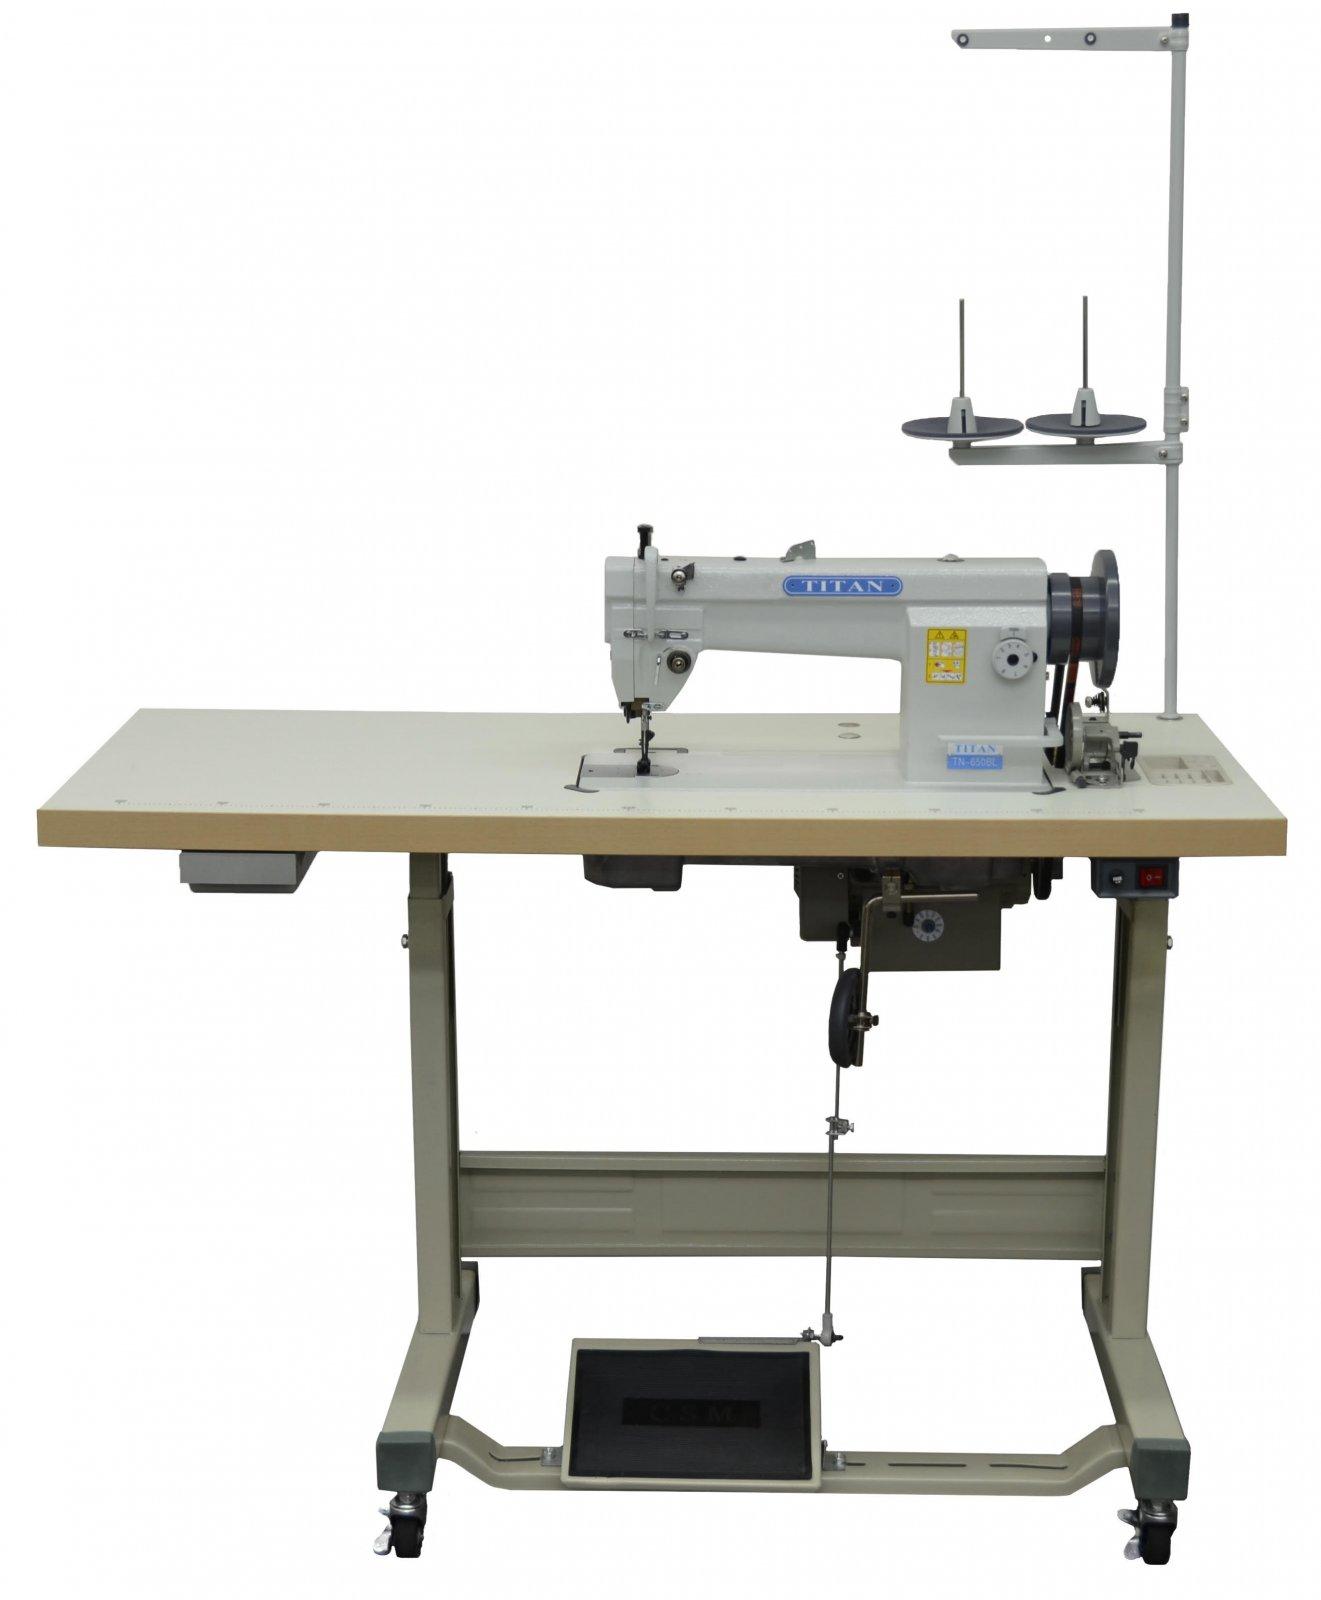 Titan TN-650BL Walking Foot Sewing Machine